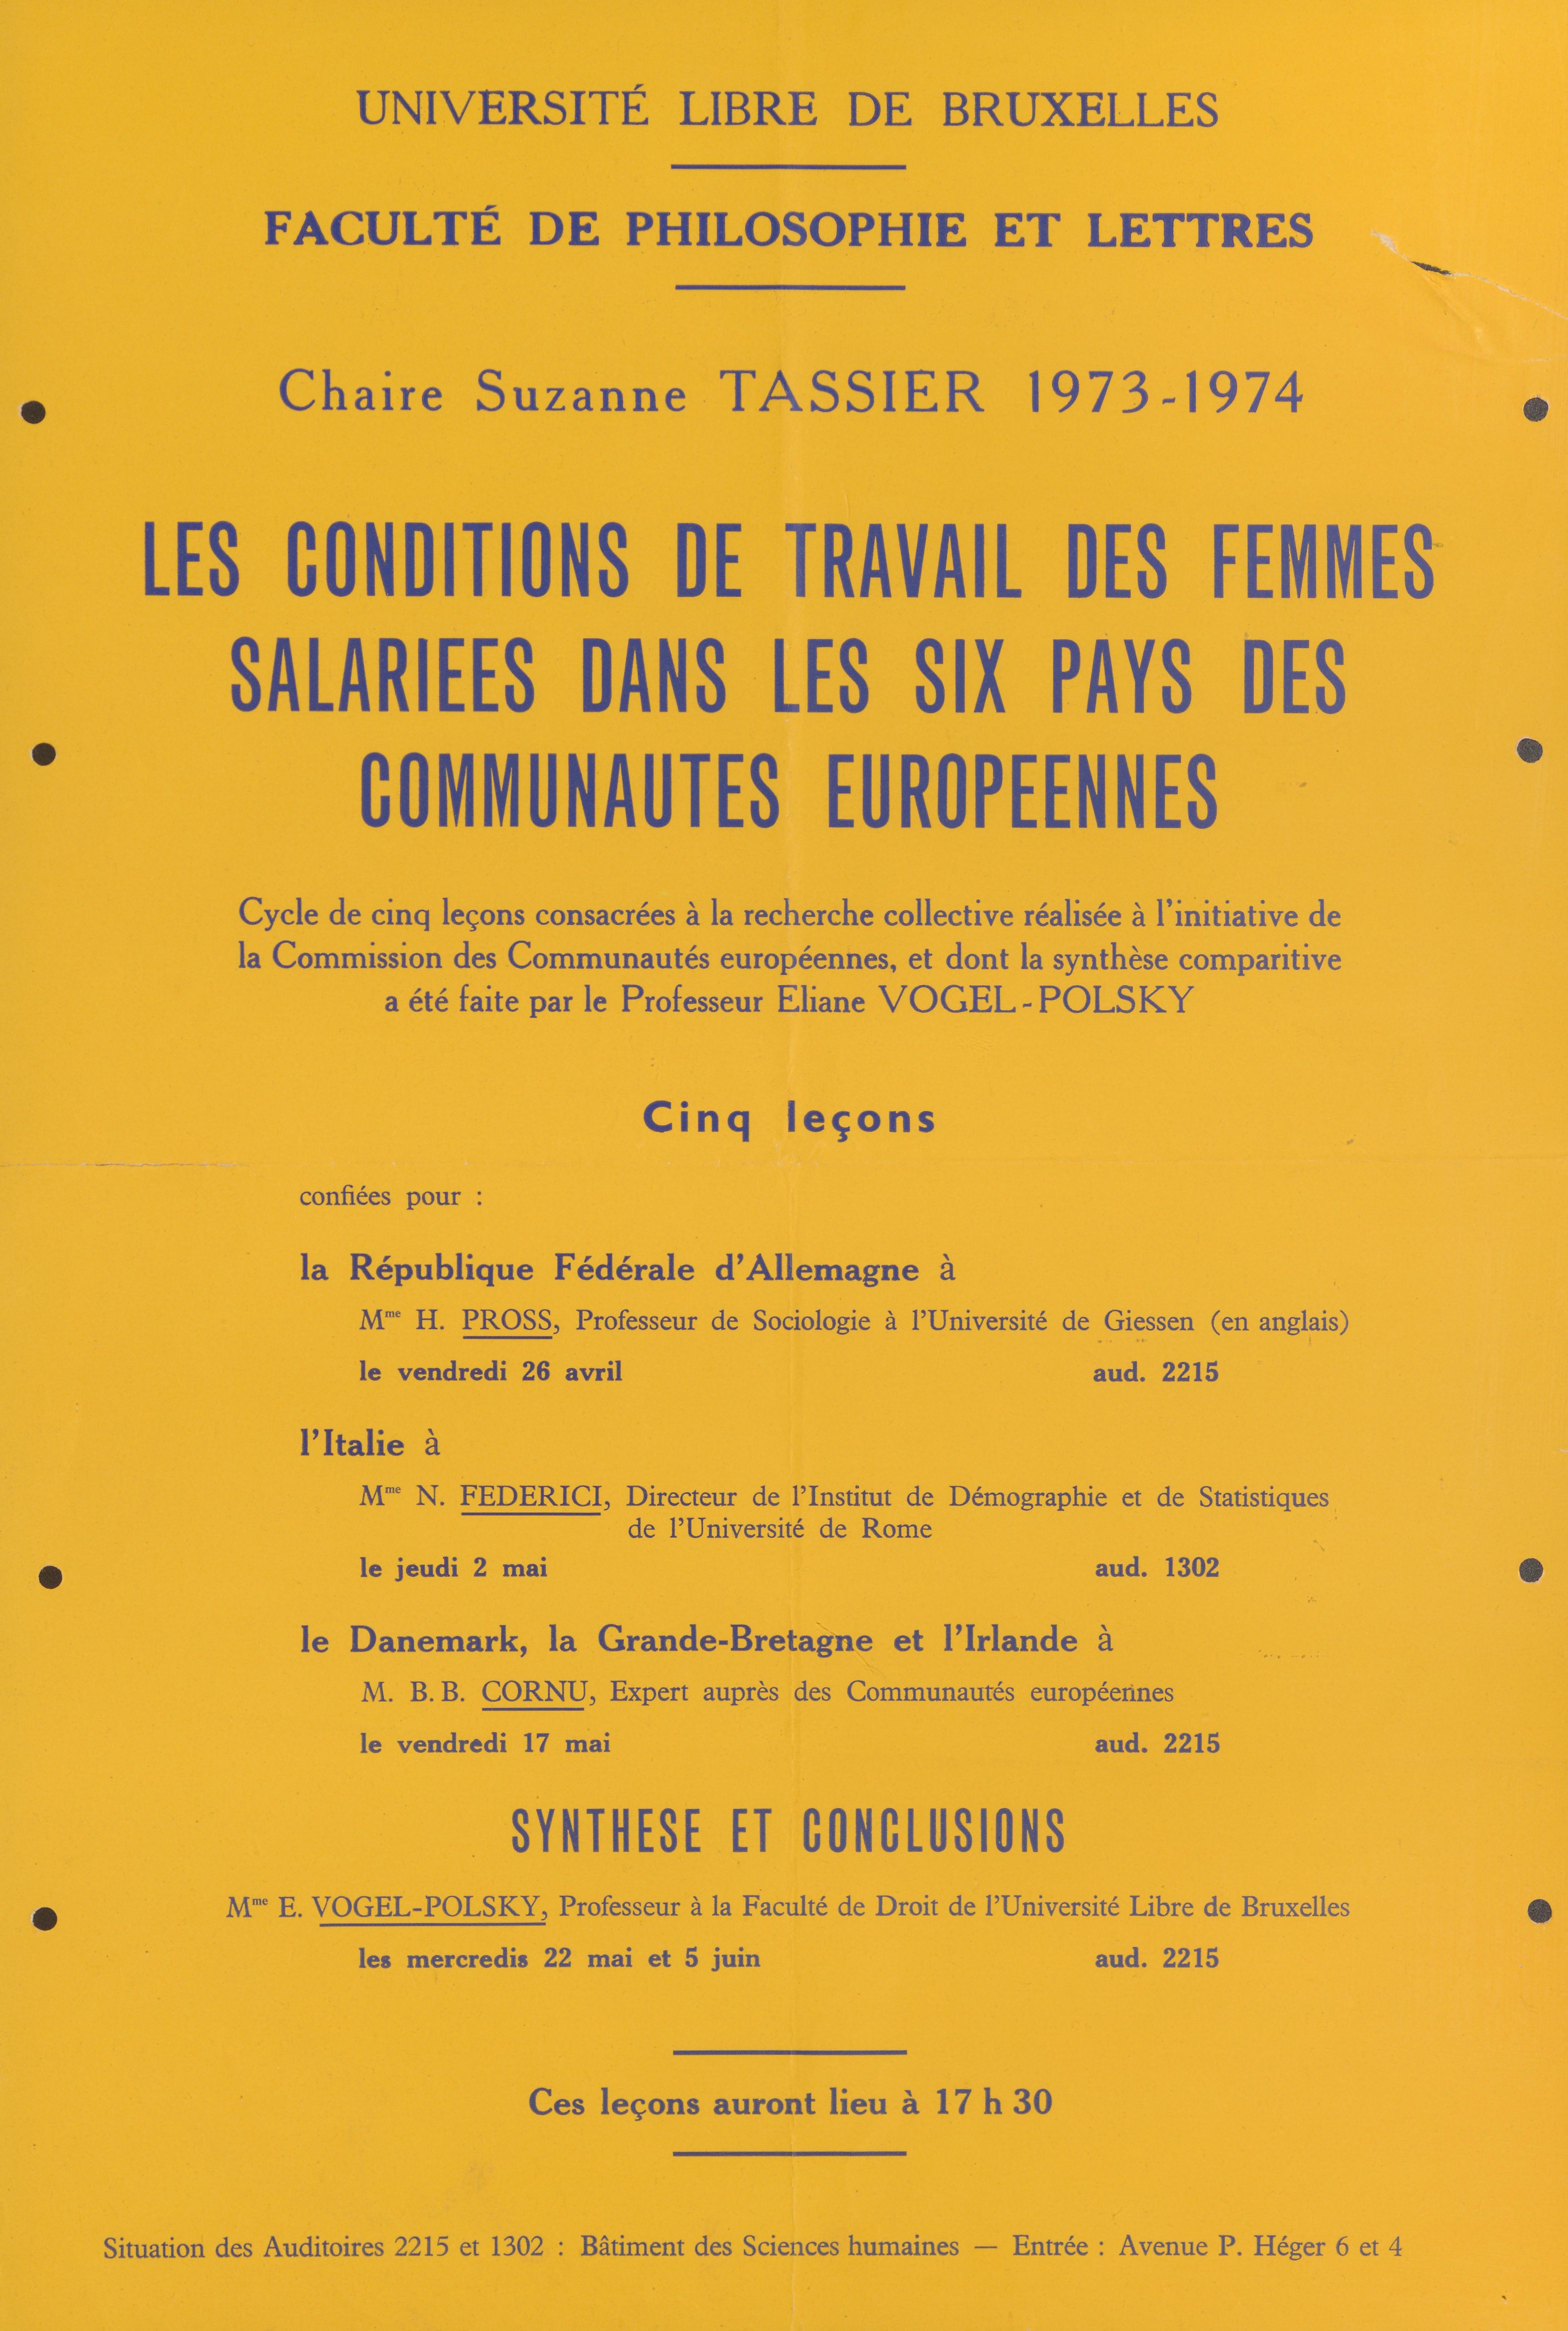 Les conditions de travail des femmes salariées dans les six pays des communautés européennes